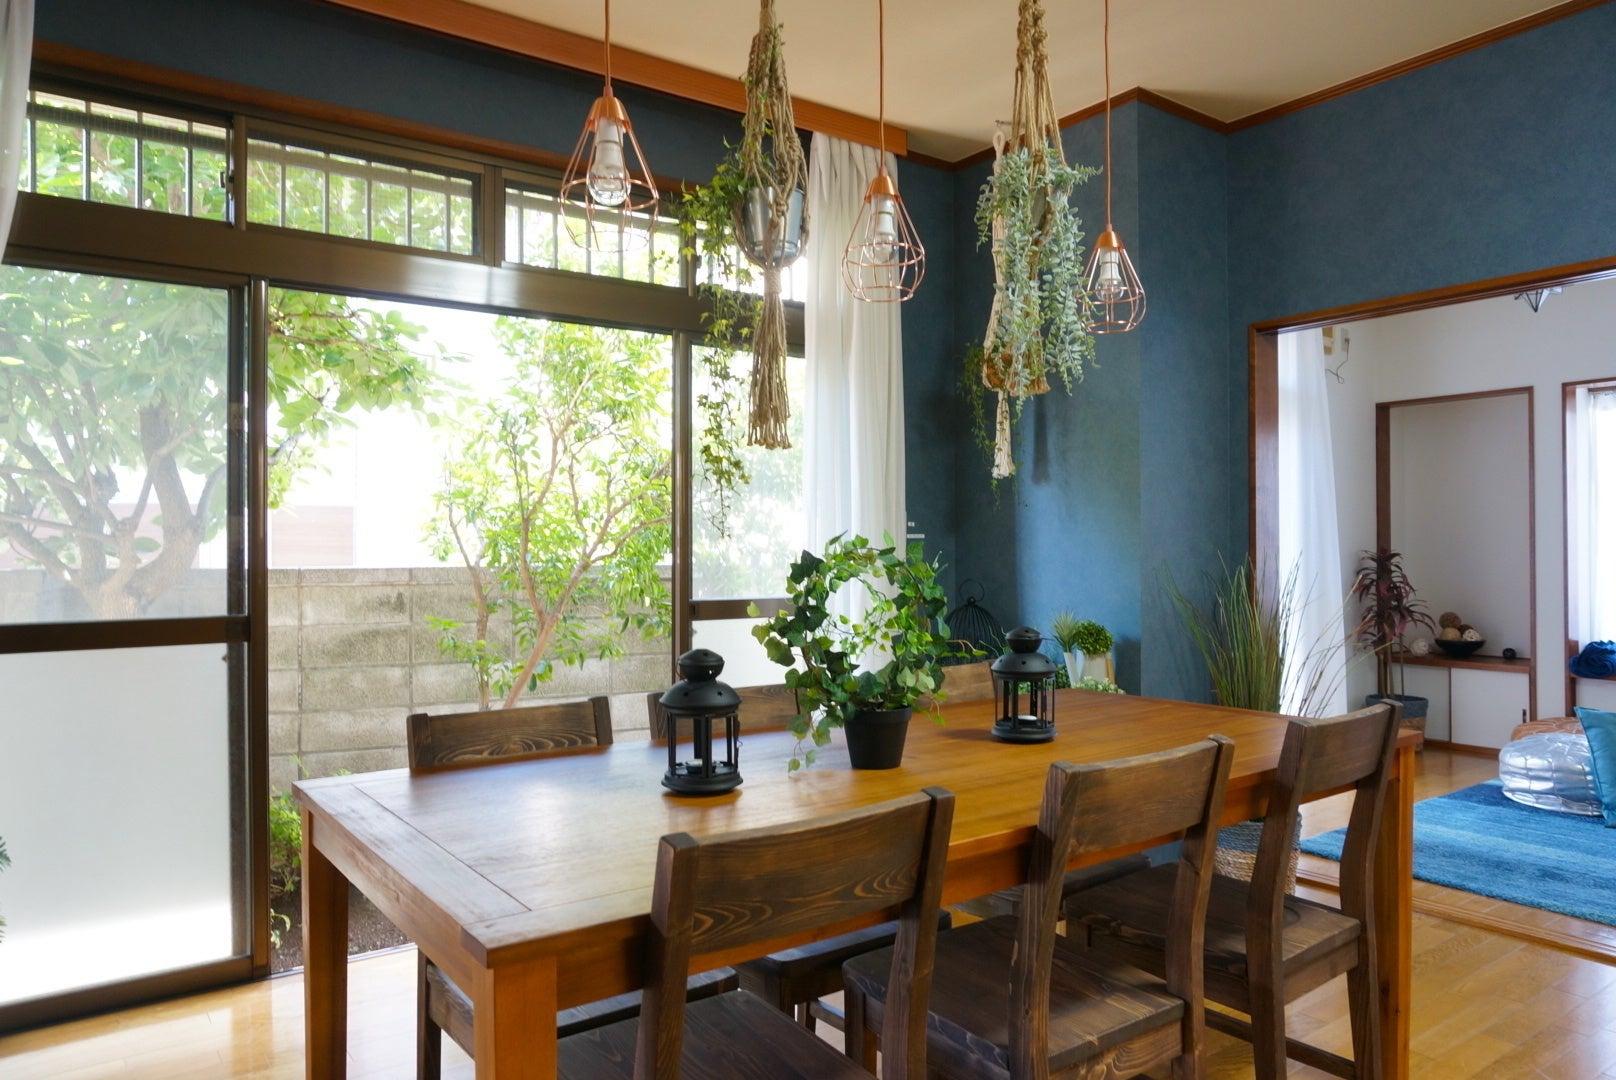 fika桜上水〜夏みかんハウス〜上品なブルーに囲まれたリビング・ボタニカルな雰囲気がフォトジェニック♪(SNS投稿・動画撮影可) の写真